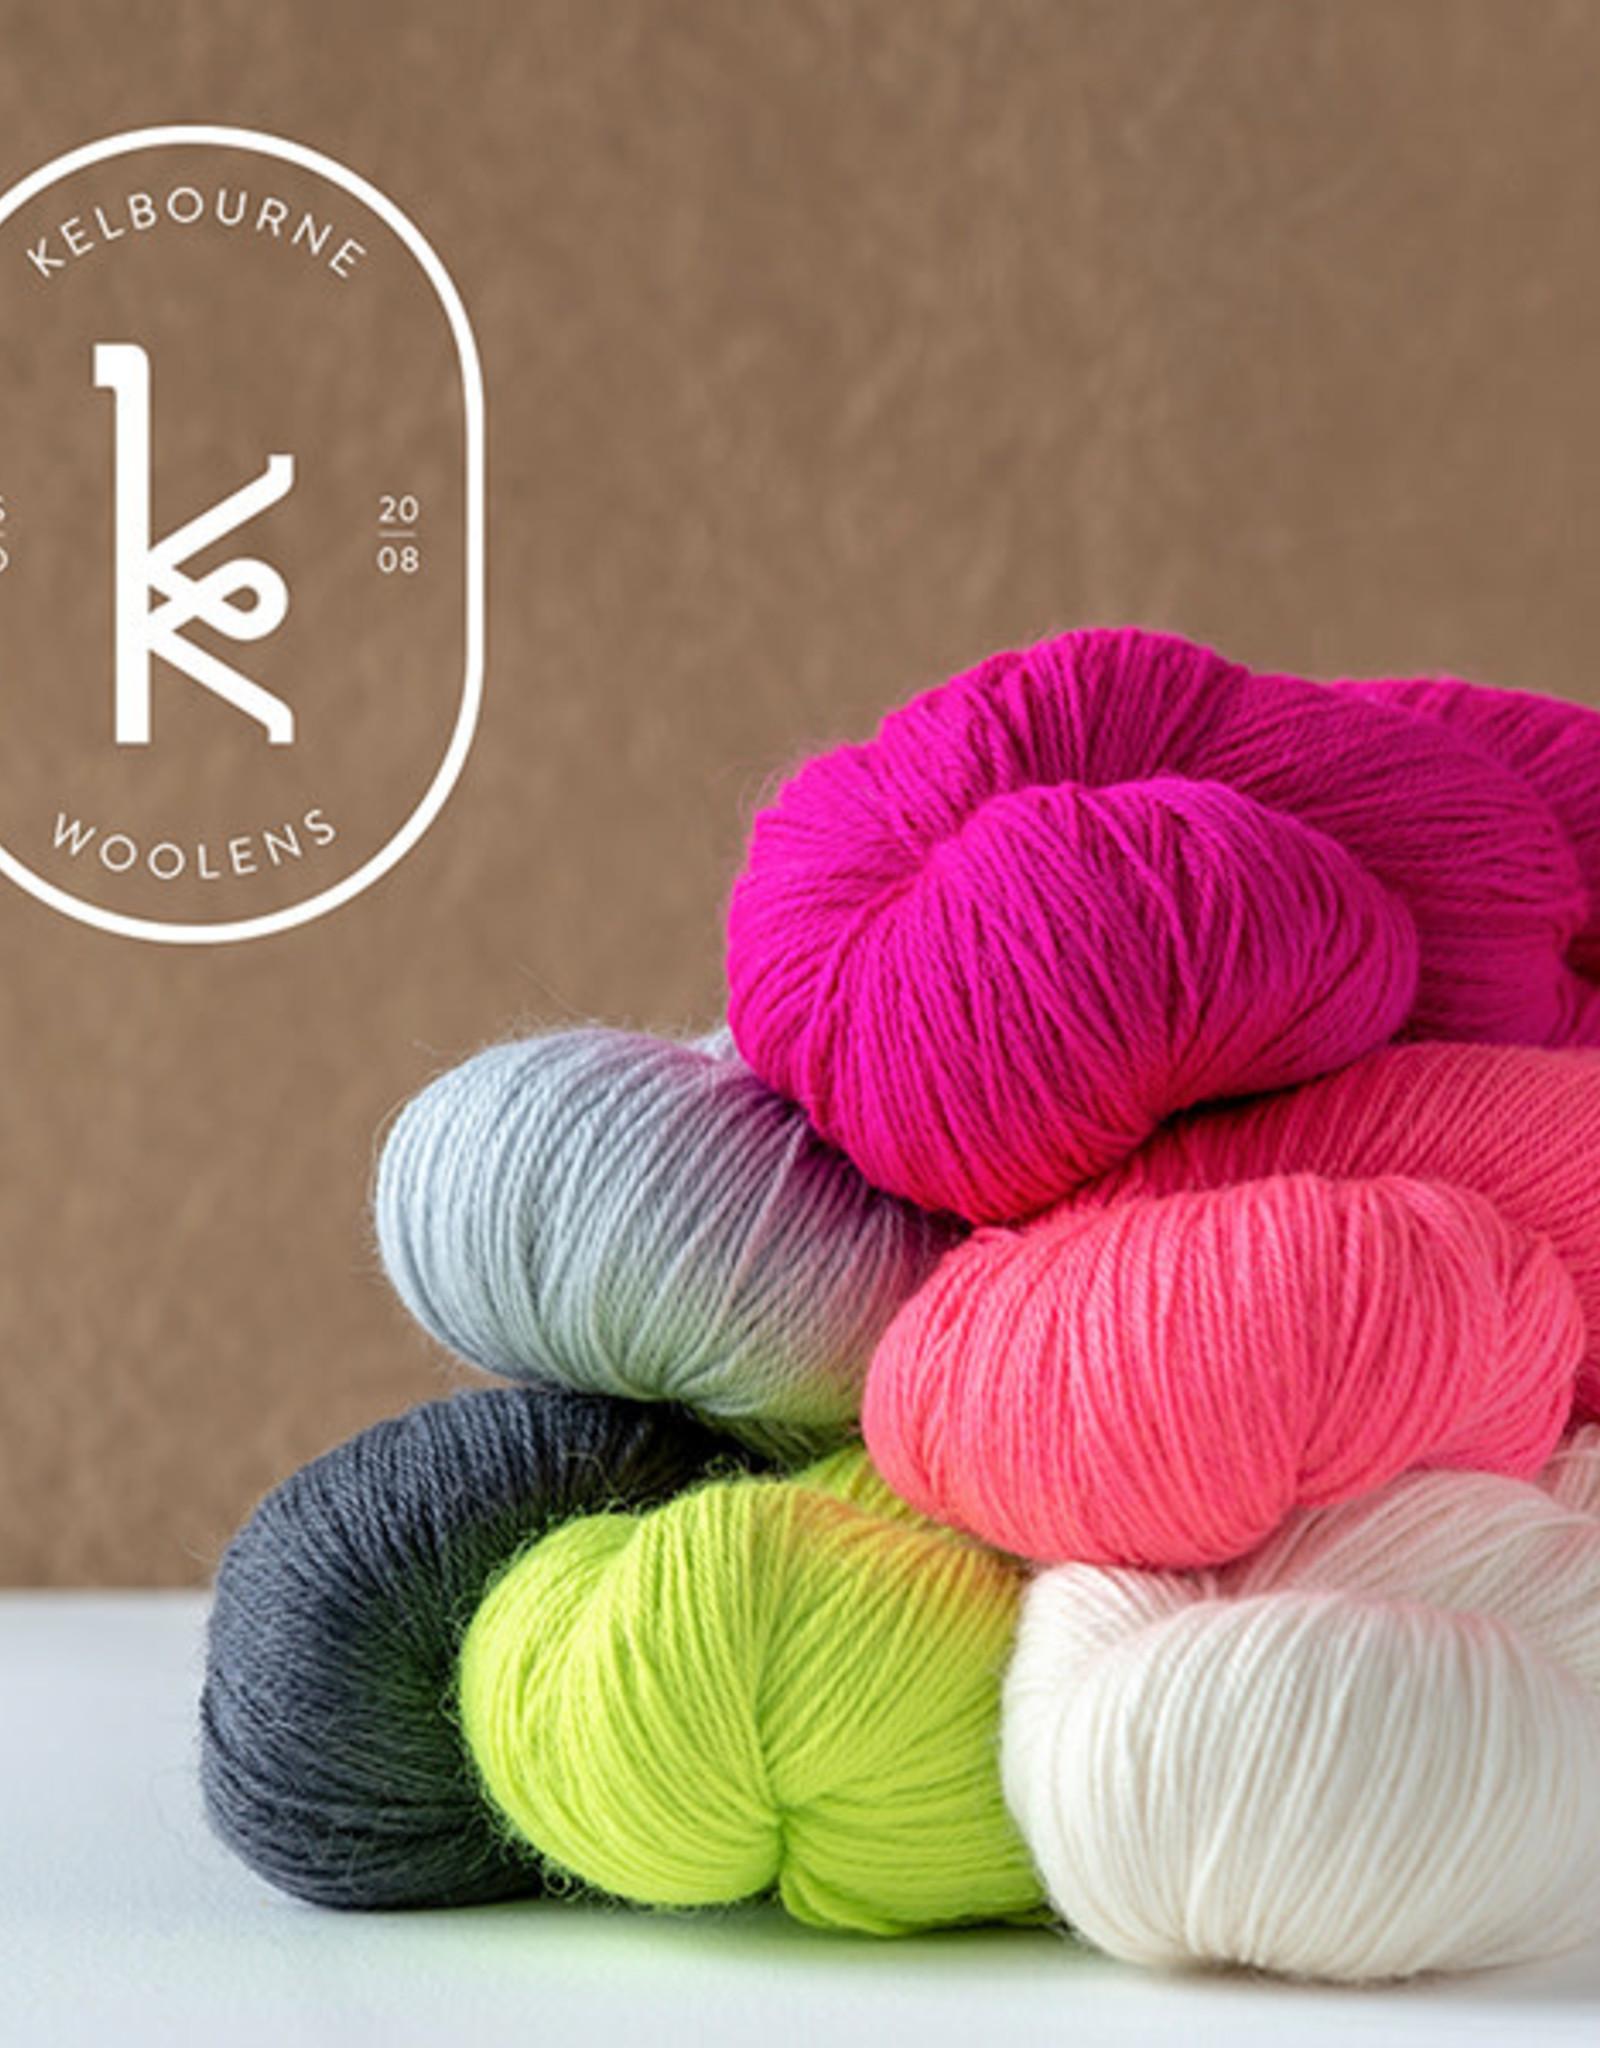 Kelbourne Woolens Kelbourne Woolens Perennial